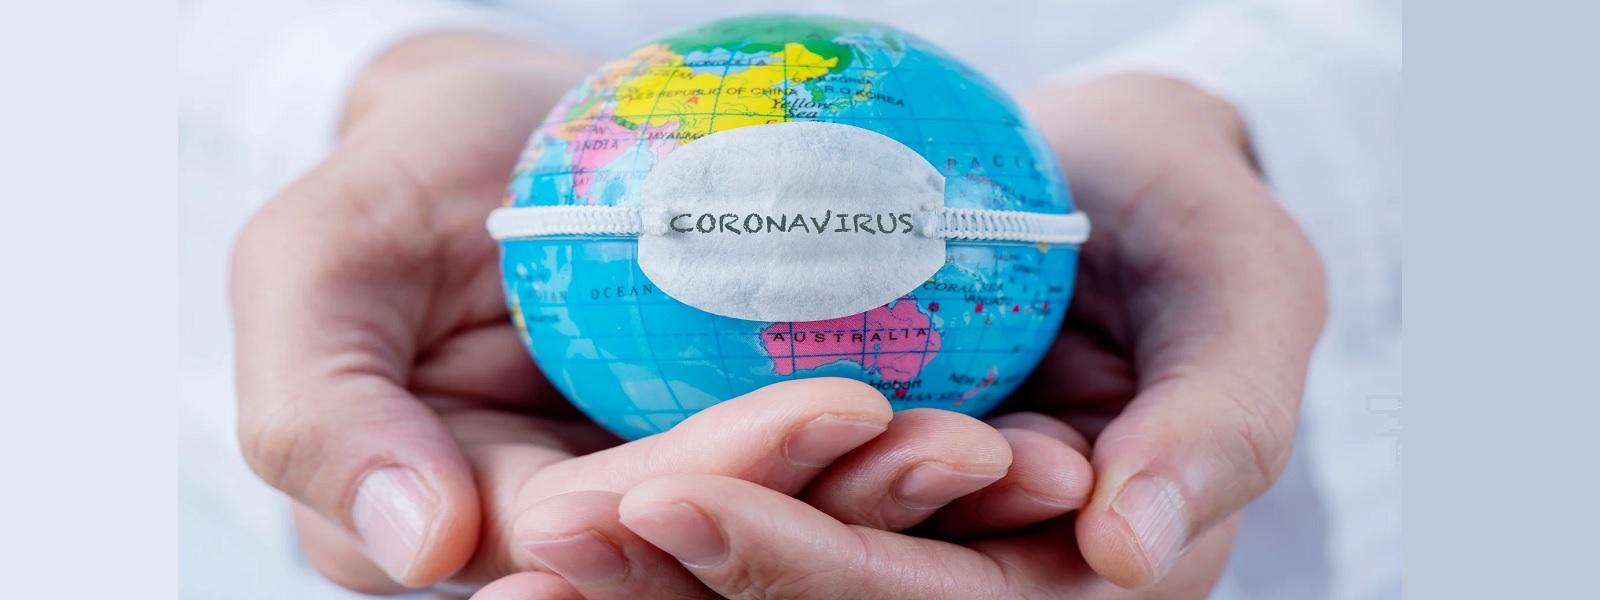 உலகளாவிய தொற்றுநோய் கொரோனா 124 நாடுகளுக்கு பரவல்